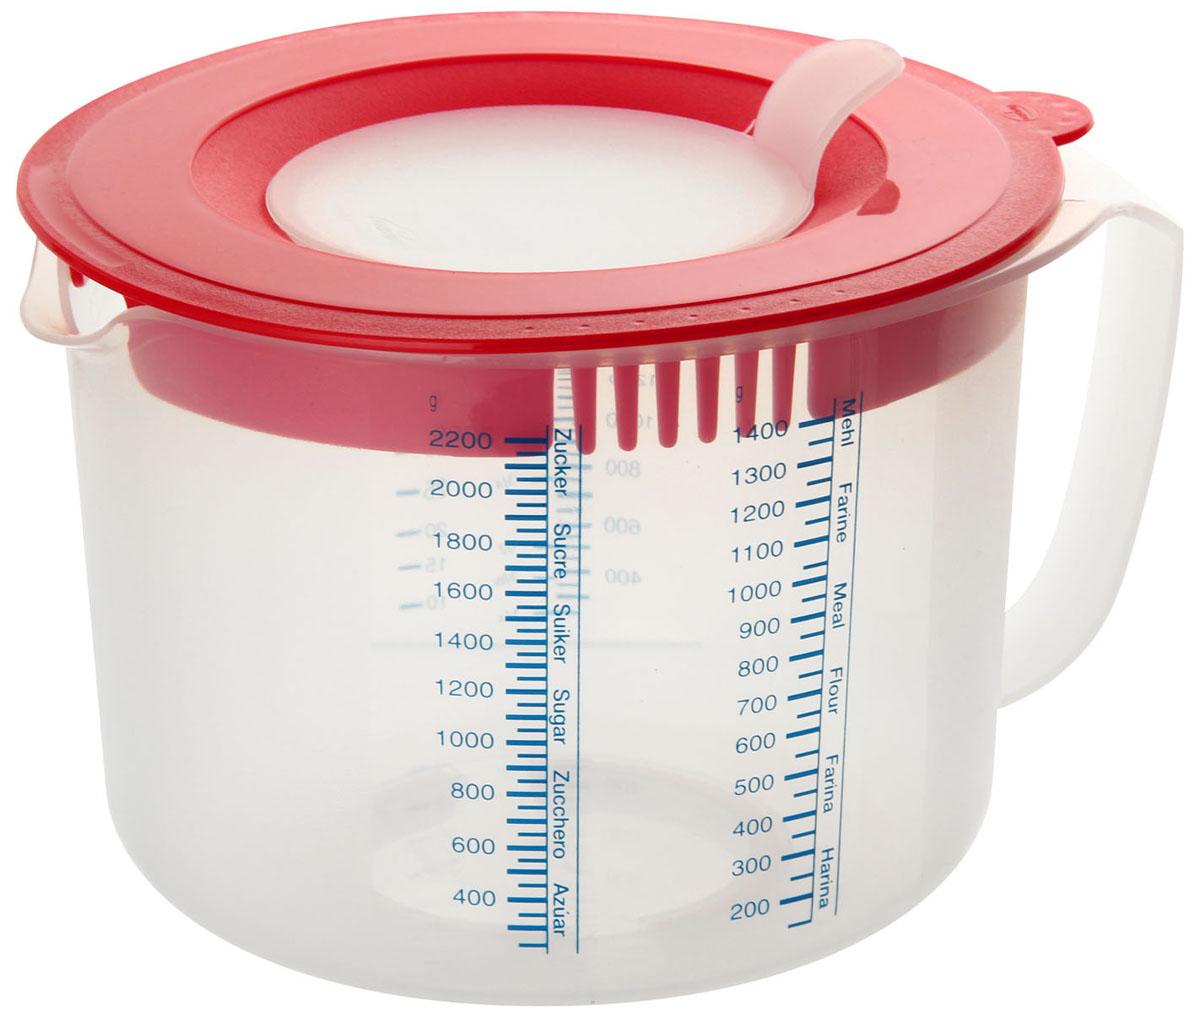 Мерный кувшин Dr.Oetker, с крышкой от брызг, 2,2 л1803Мерный кувшин Dr.Oetker изготовлен из высококачественного прочного пищевого пластика. Кувшин позволяет измерять объем жидкости, а также вес сахара и муки. Шкала жидкости представлена в миллилитрах, литрах, жидких унциях, чашках и пинтах. Шкала для сахара и муки представлена в граммах. Кувшин оснащен носиком для удобного слива, а также ручкой. Специальная плотно закрывающаяся крышка со съемным отверстием посередине позволяет взбивать смесь миксером прямо в кувшине, при этом, не запачкав ничего вокруг. Такой мерной кувшин придется по душе каждой хозяйке и станет незаменимым аксессуаром на кухне. Можно мыть в посудомоечной машине.